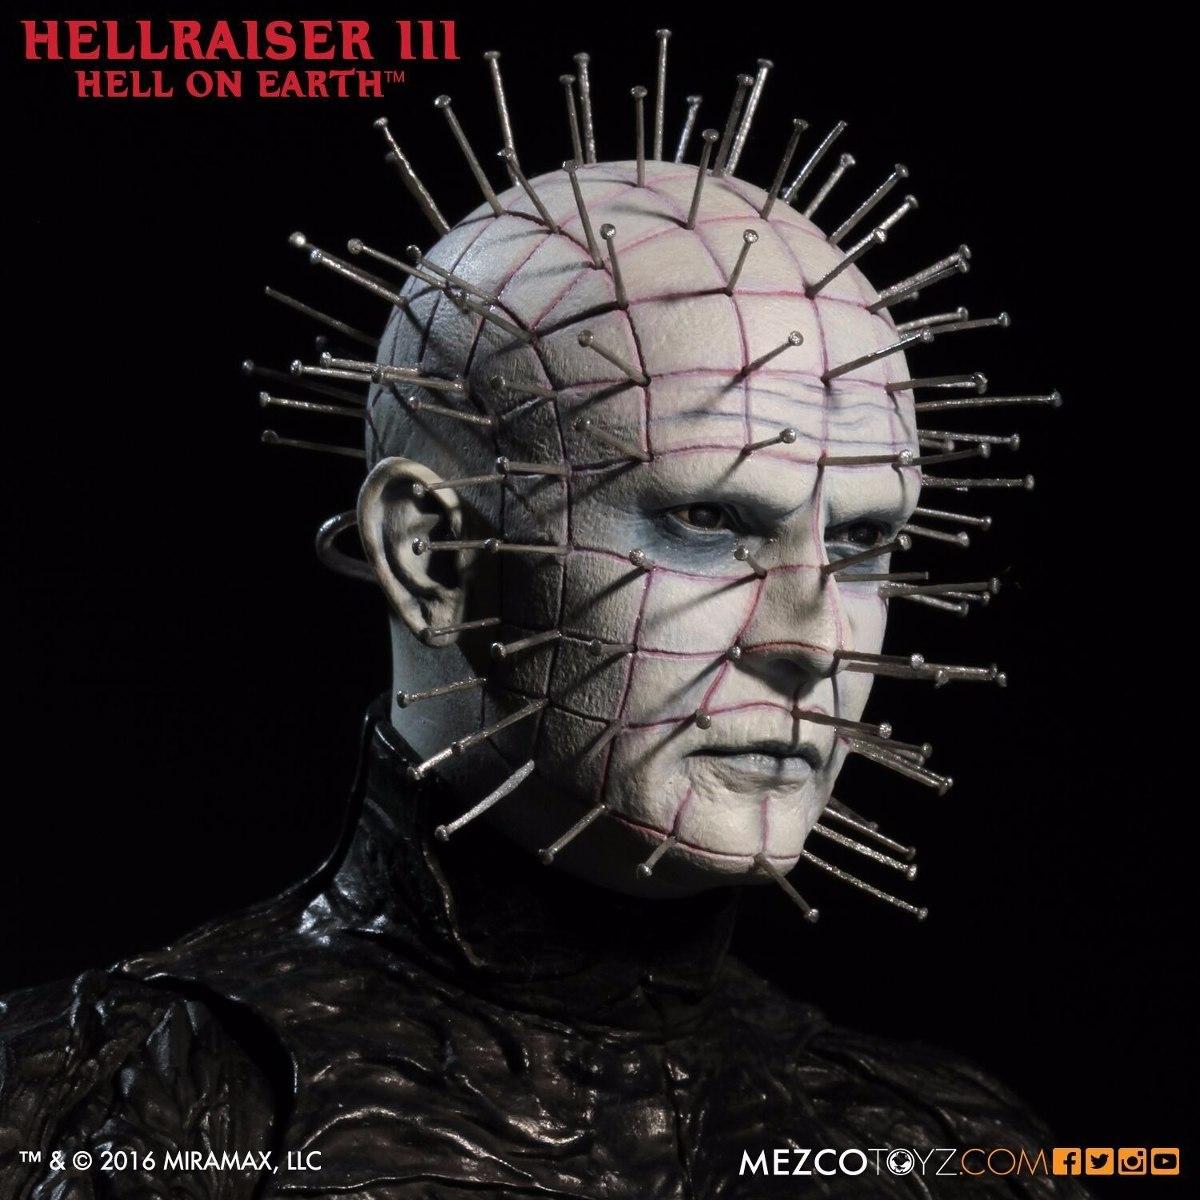 Boneco Pinhead Hellraiser 3 Mezco Miniatura 30 Cm 1 6